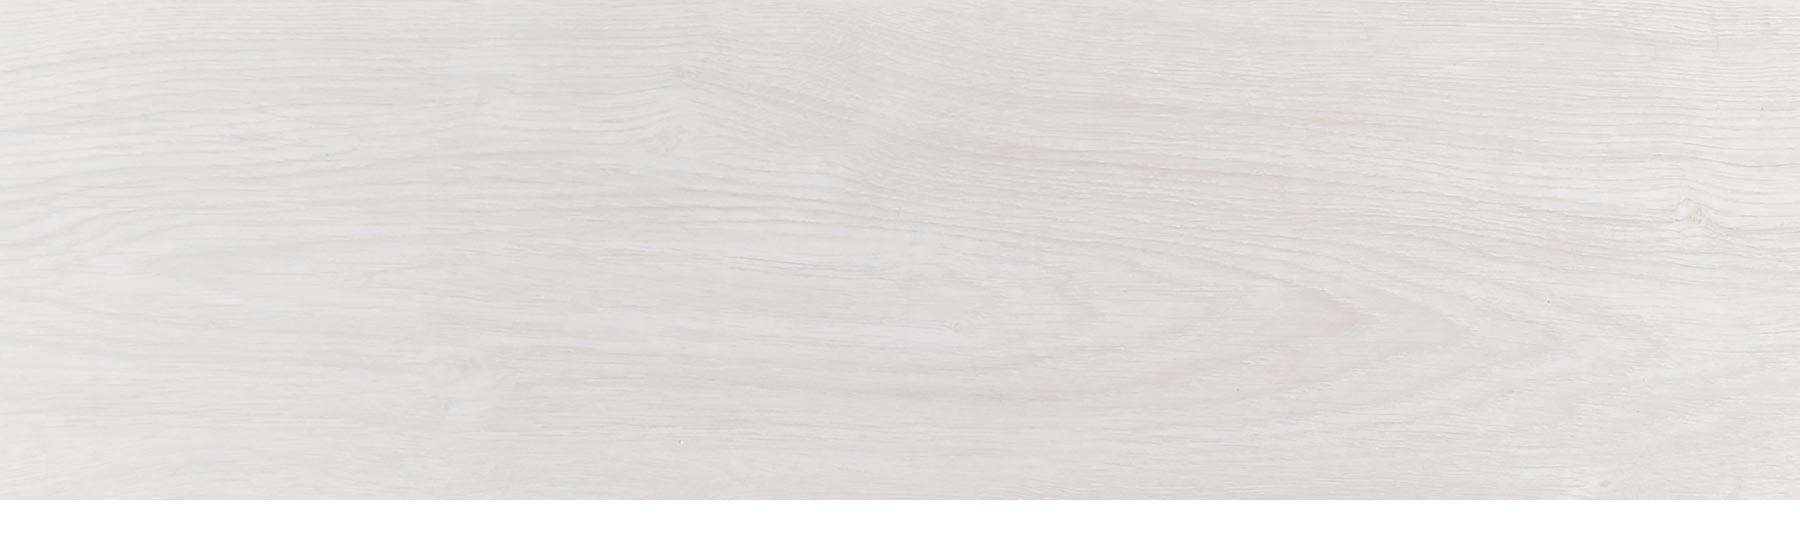 Plain wood background